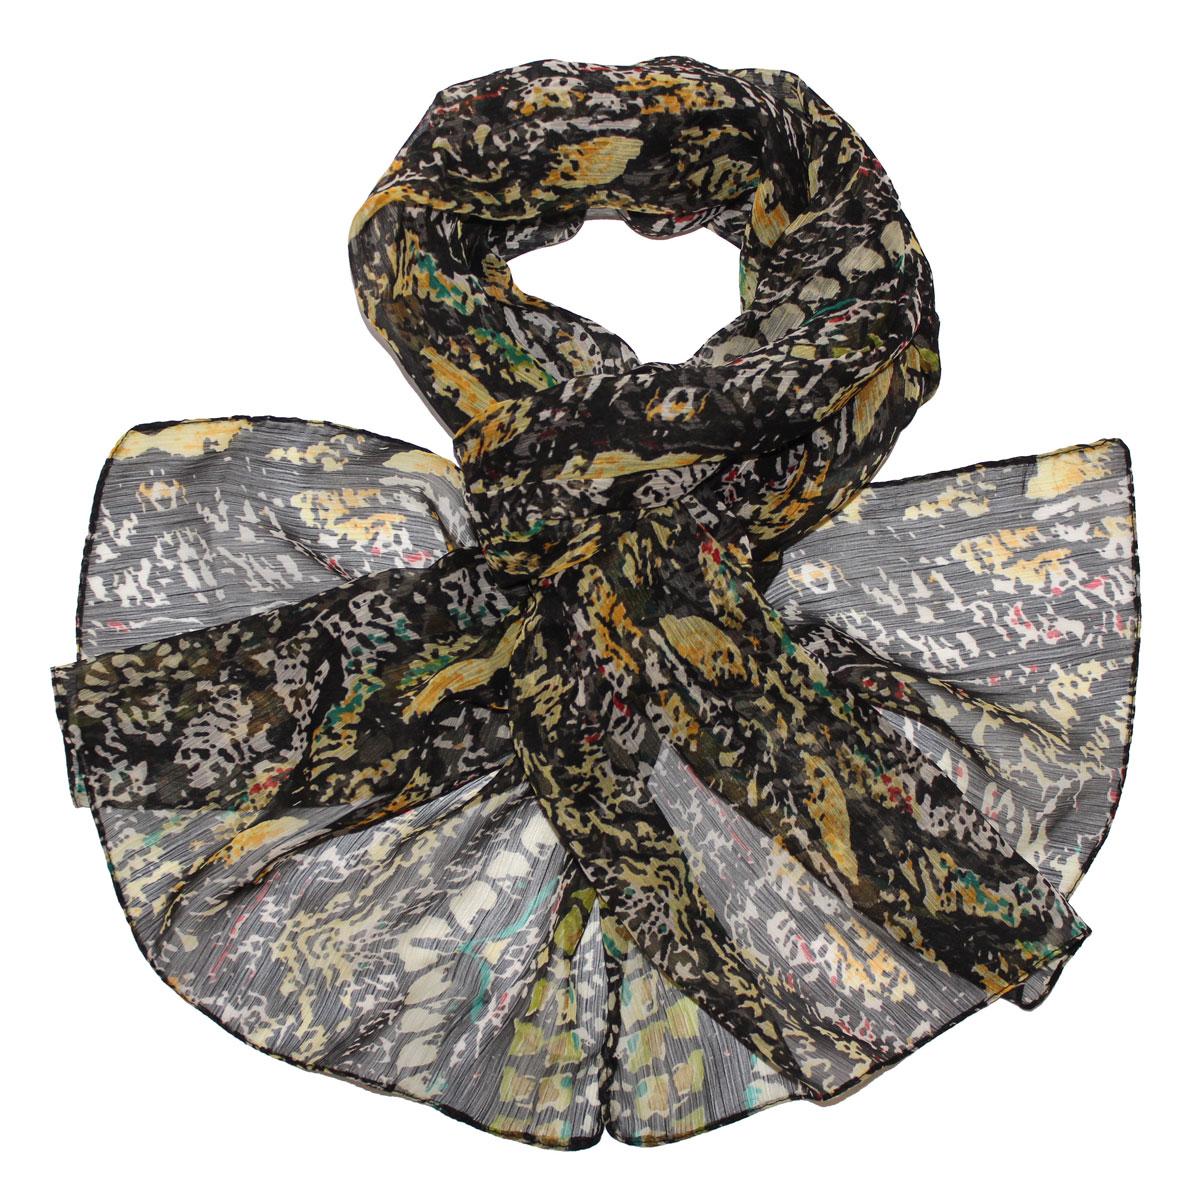 Шарф женский Ethnica, цвет: черный, желтый, бирюзовый. 262040. Размер 50 см x 170 см262040Женский шарф Ethnica, изготовленный из вискозы, подчеркнет вашу индивидуальность. Благодаря своему составу, он легкий, мягкий и приятный на ощупь. Изделие оформлено оригинальным принтом.Такой аксессуар станет стильным дополнением к гардеробу современной женщины.